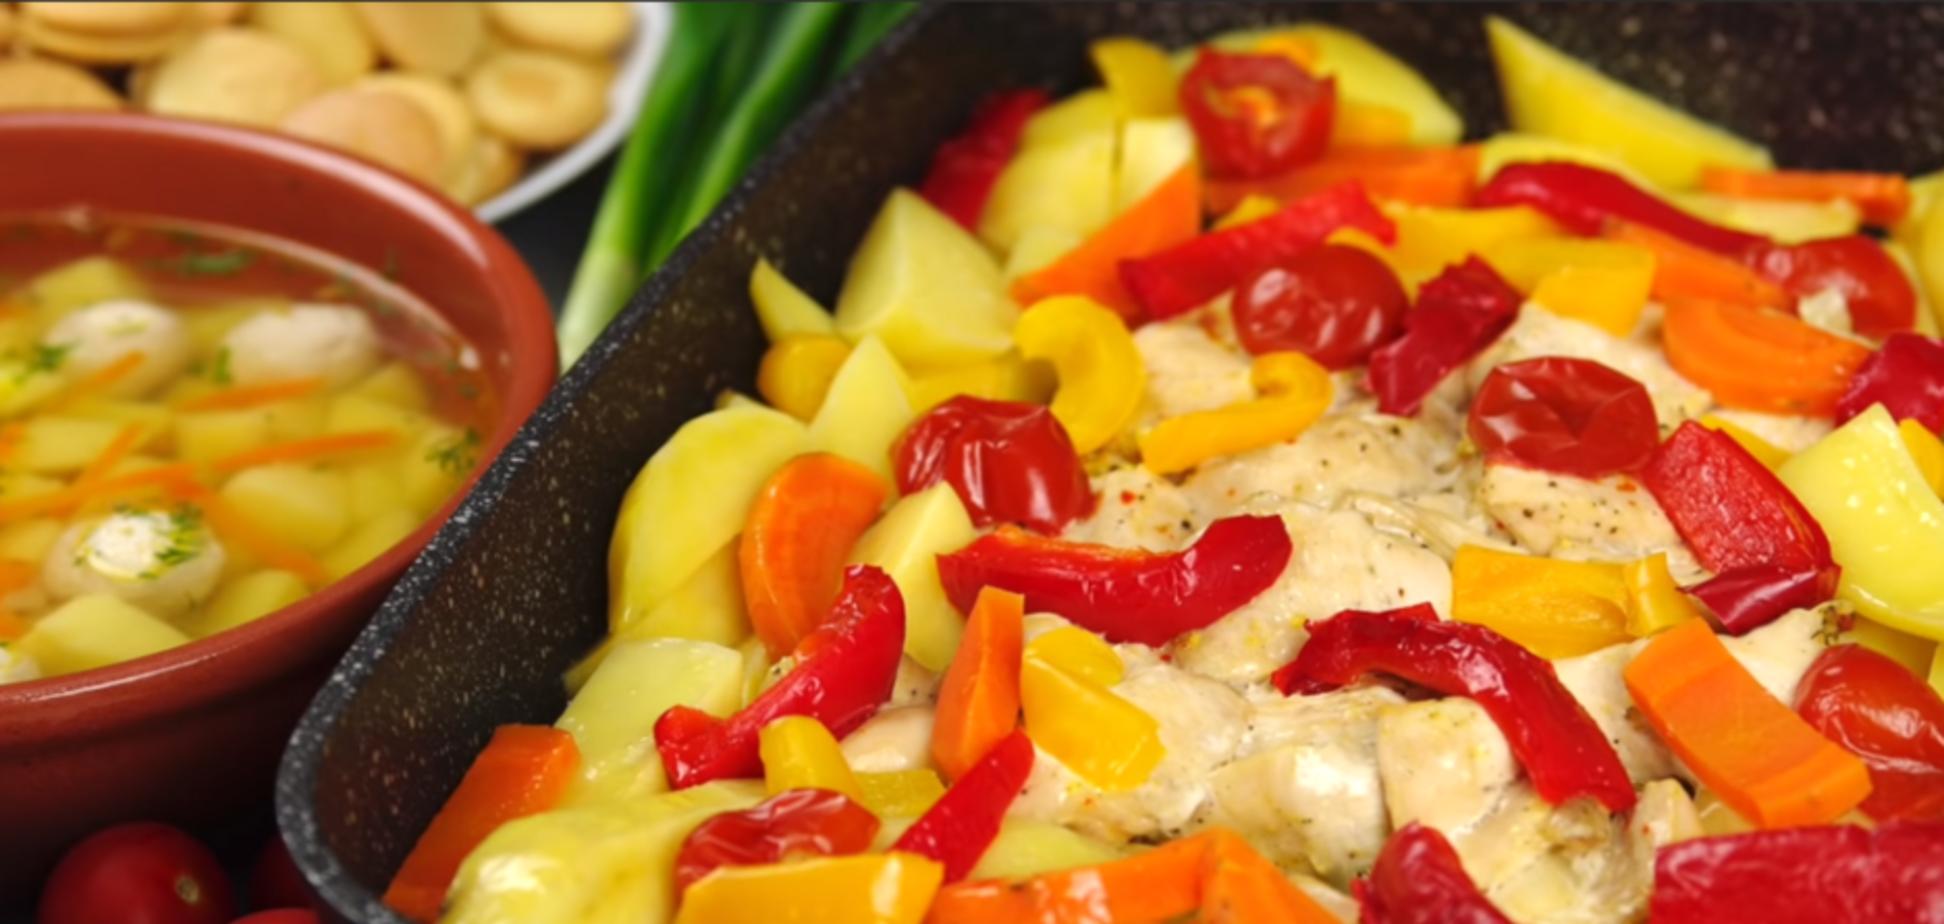 Що приготувати на вечерю швидко і смачно: топ-3 рецепта страв